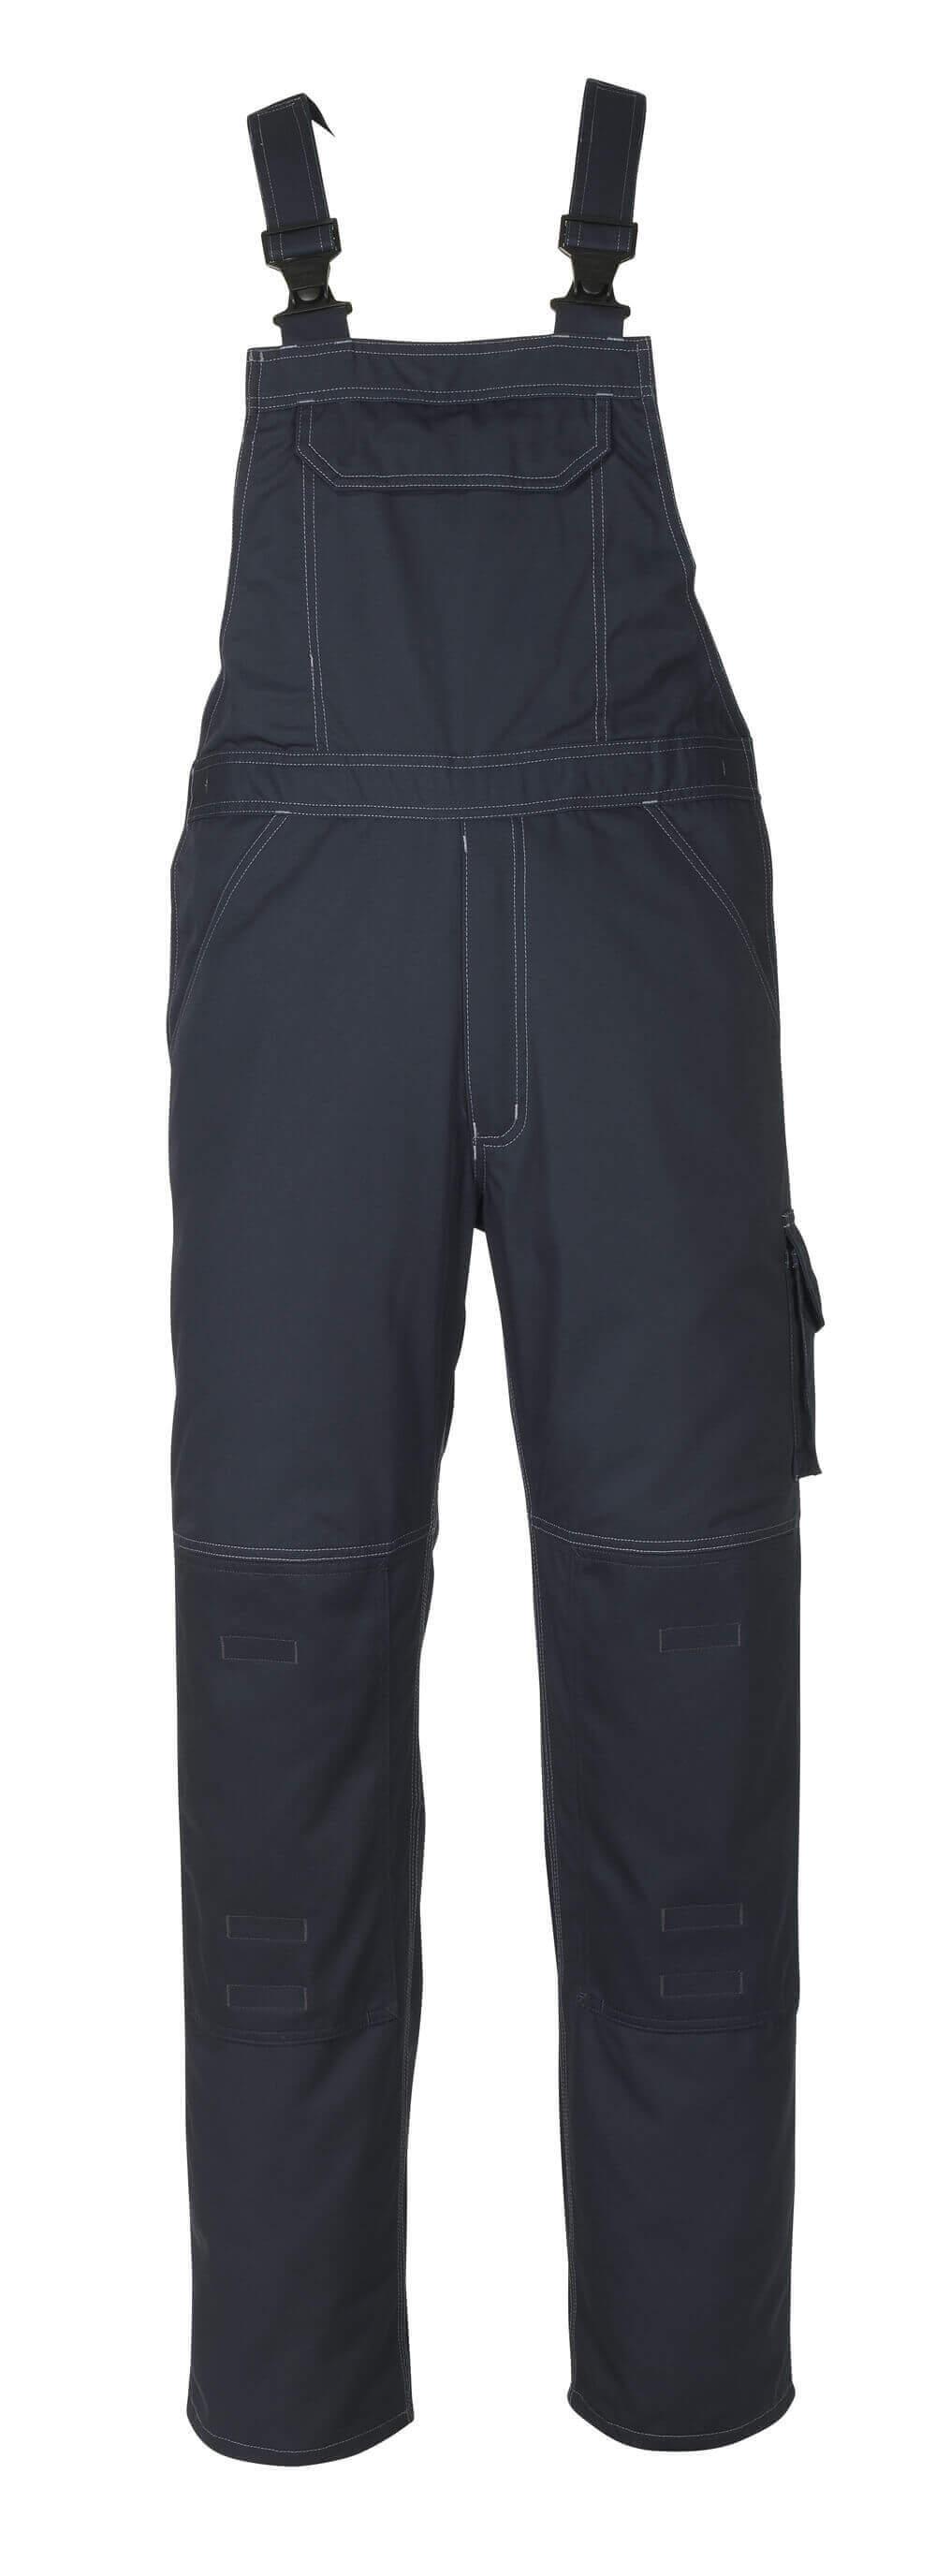 10569-442-010 Overall med knælommer - mørk marine